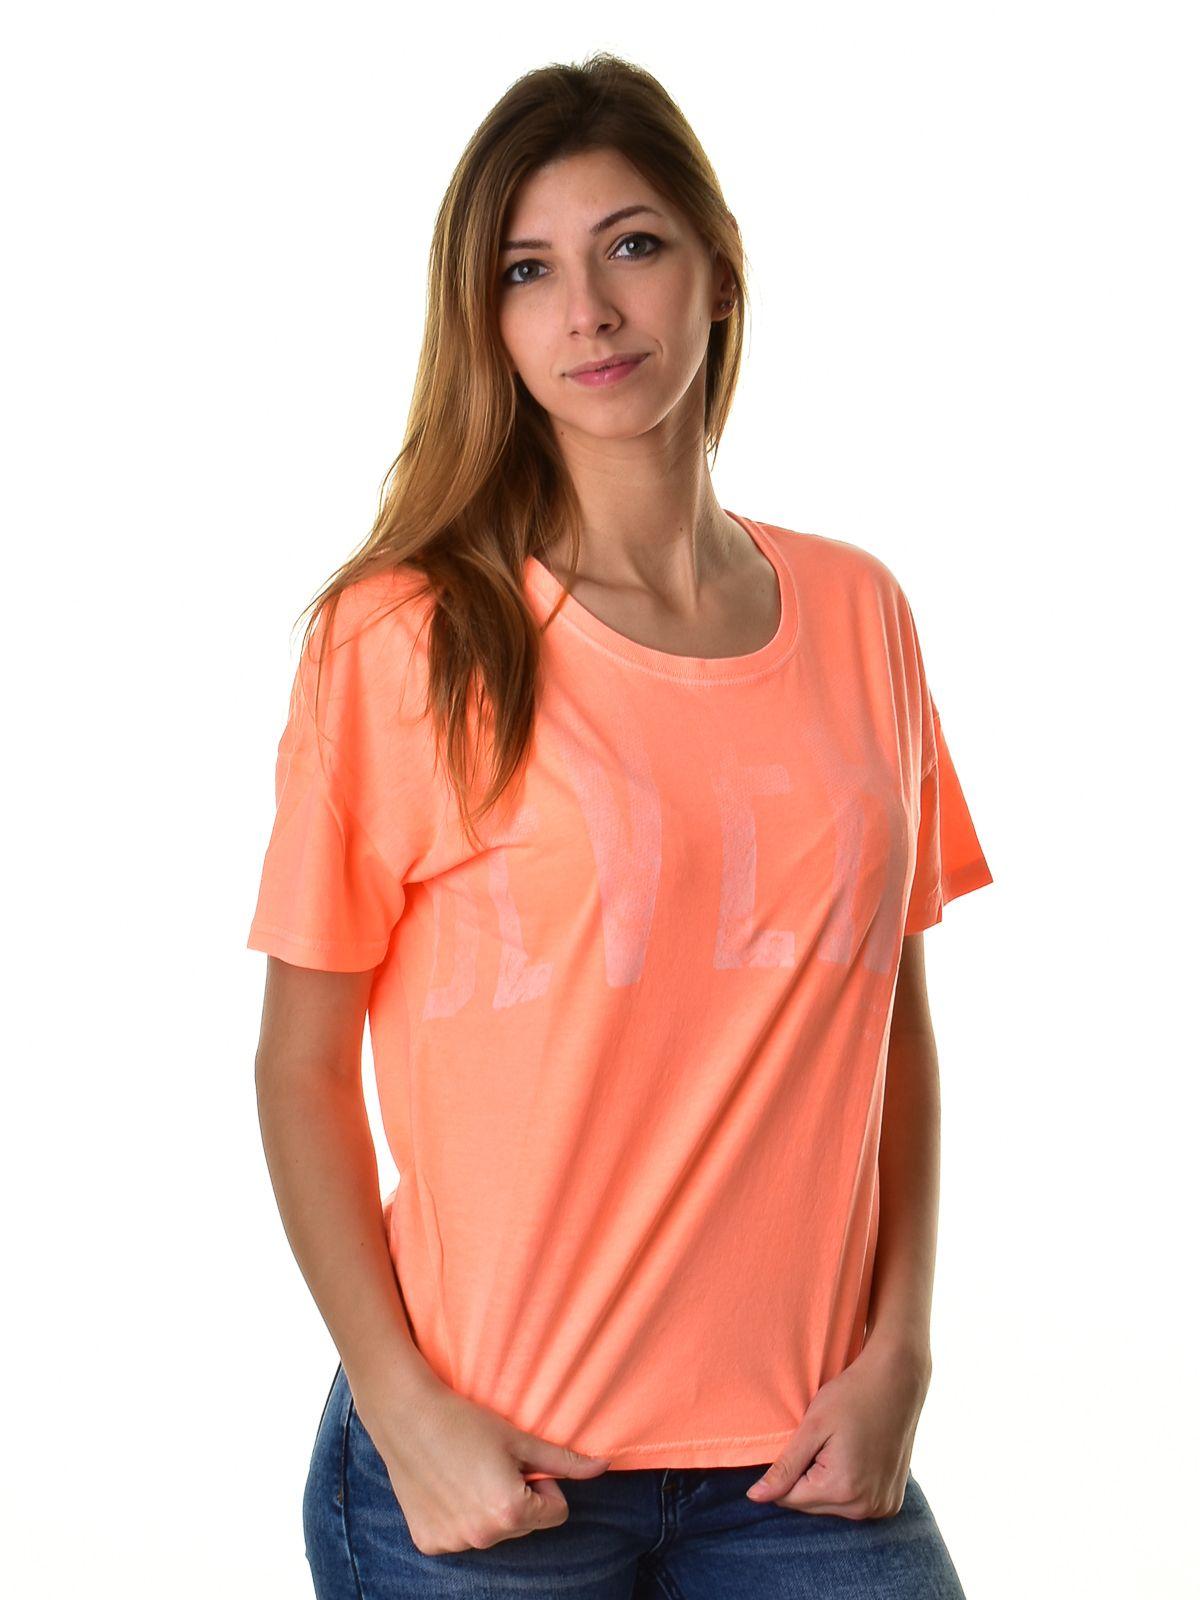 ba0fa9ec34 Akciós | Devergo női póló | Markasbolt.hu Hivatalos DEVERGO forgalmazó